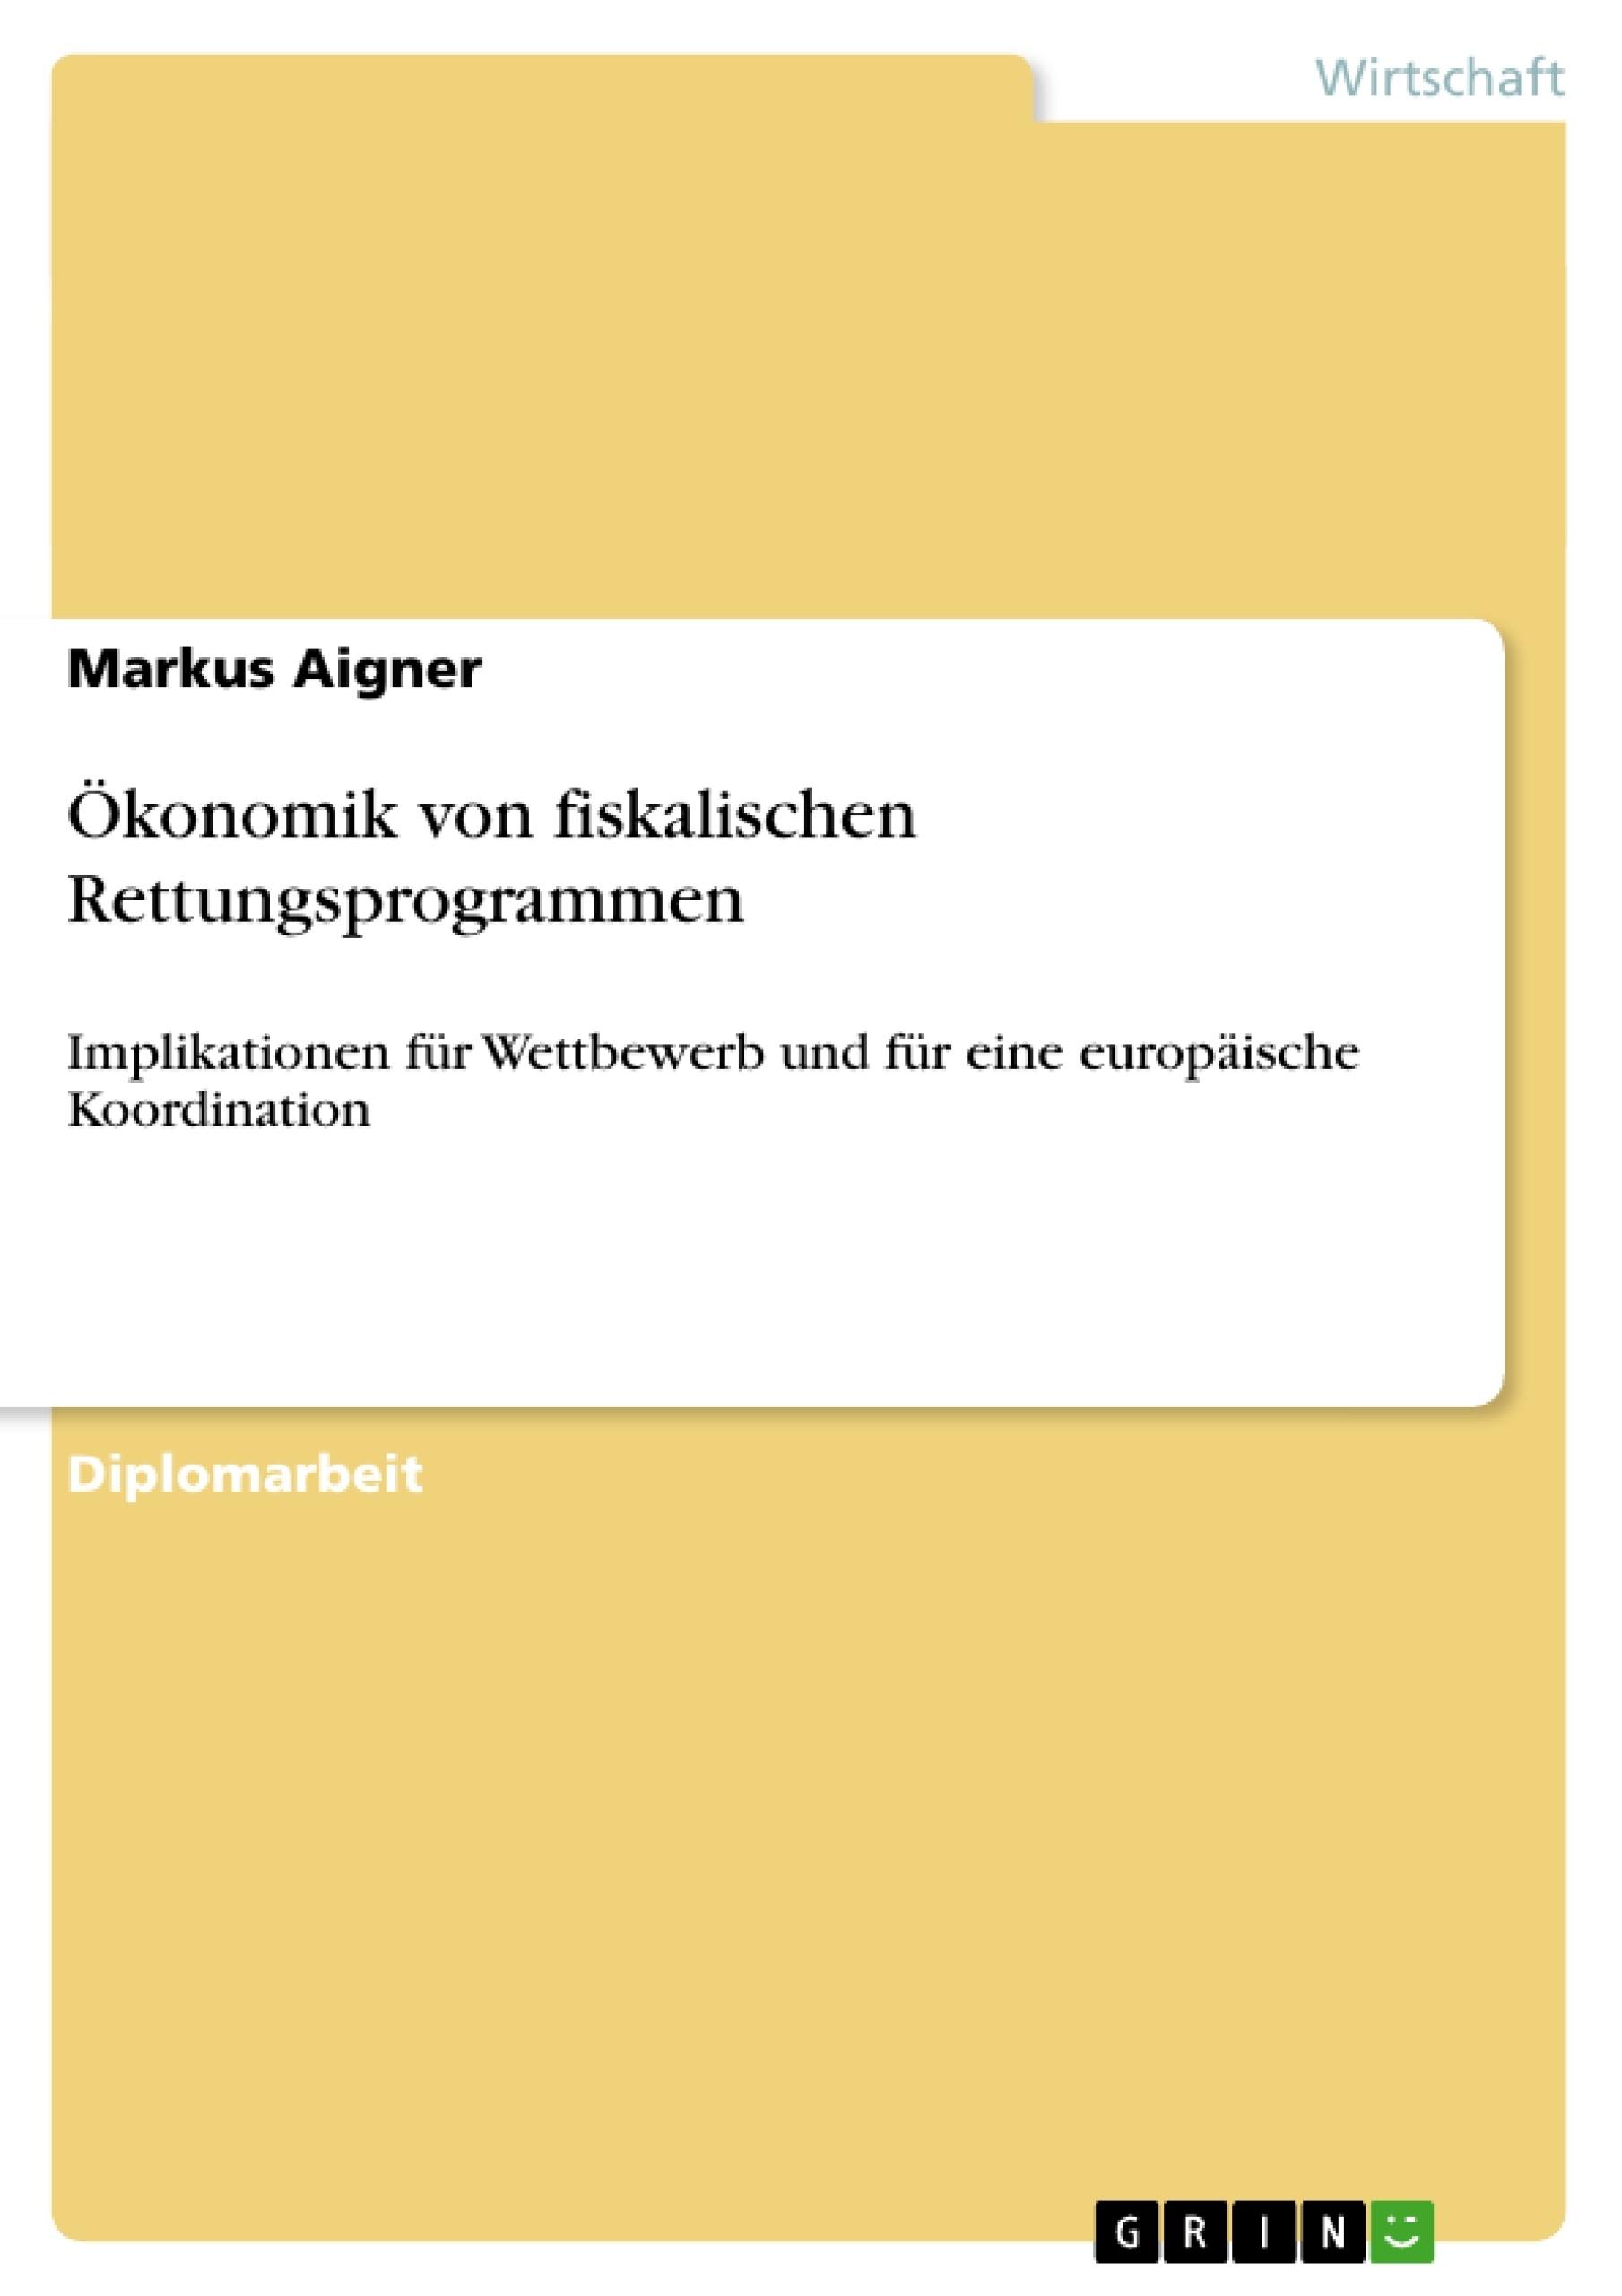 Titel: Ökonomik von fiskalischen Rettungsprogrammen